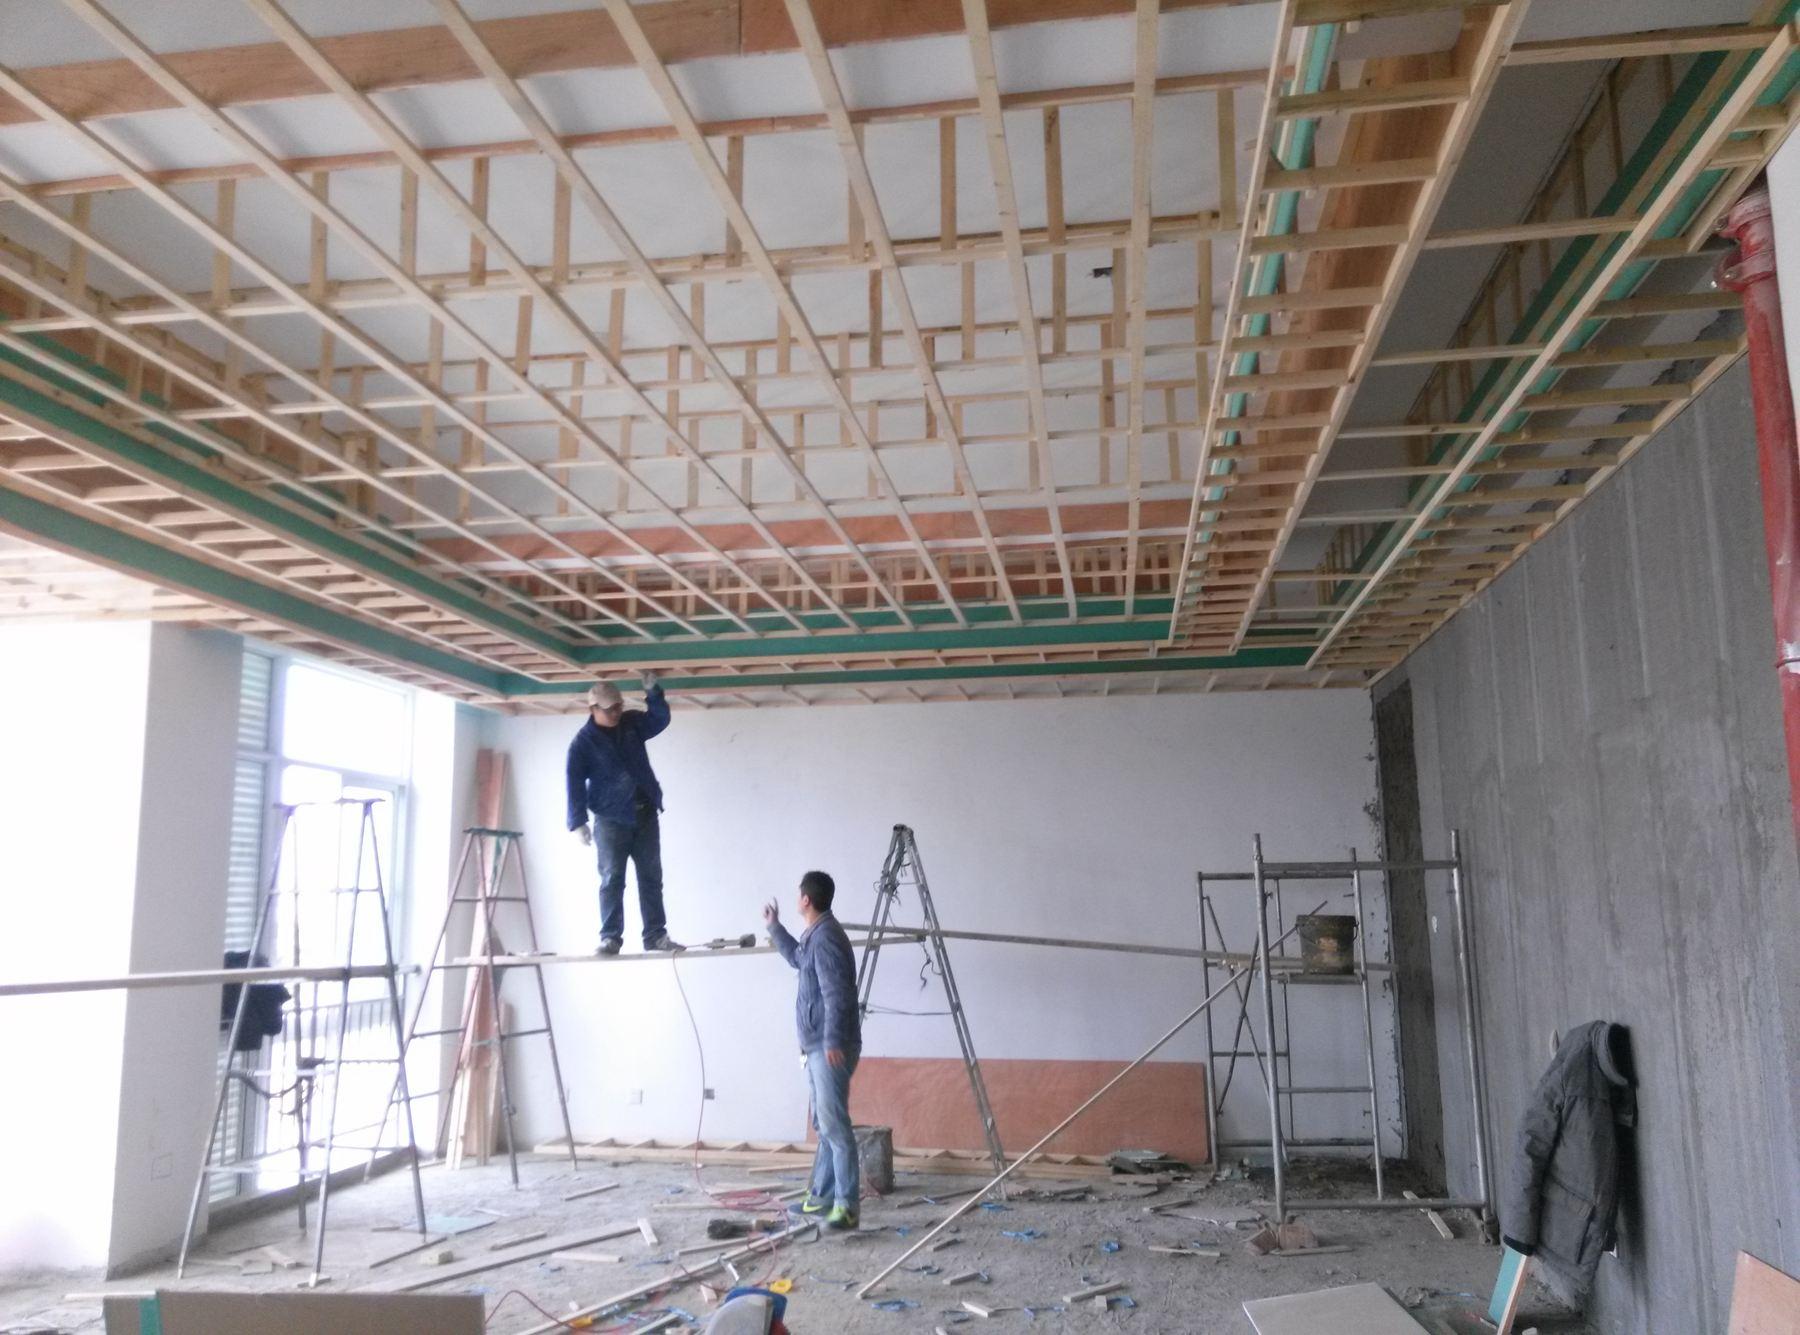 基础装修一般多少钱 基础装修哪些必做